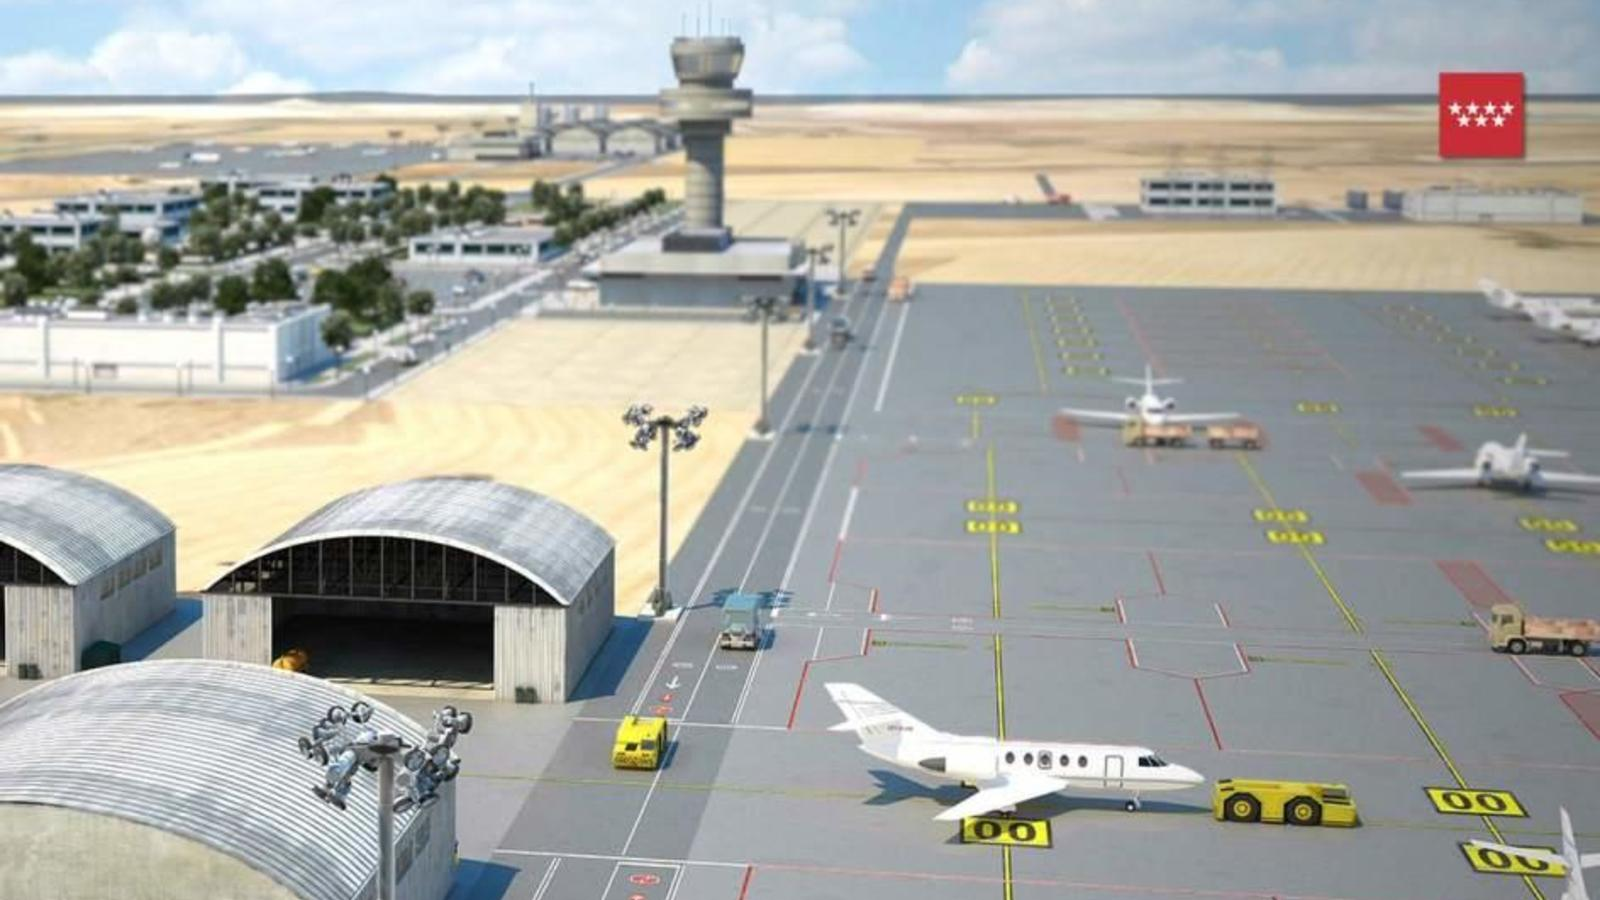 Aeropuertos: El nuevo aeropuerto privado de Madrid, todo un pelotazo para condes y duques